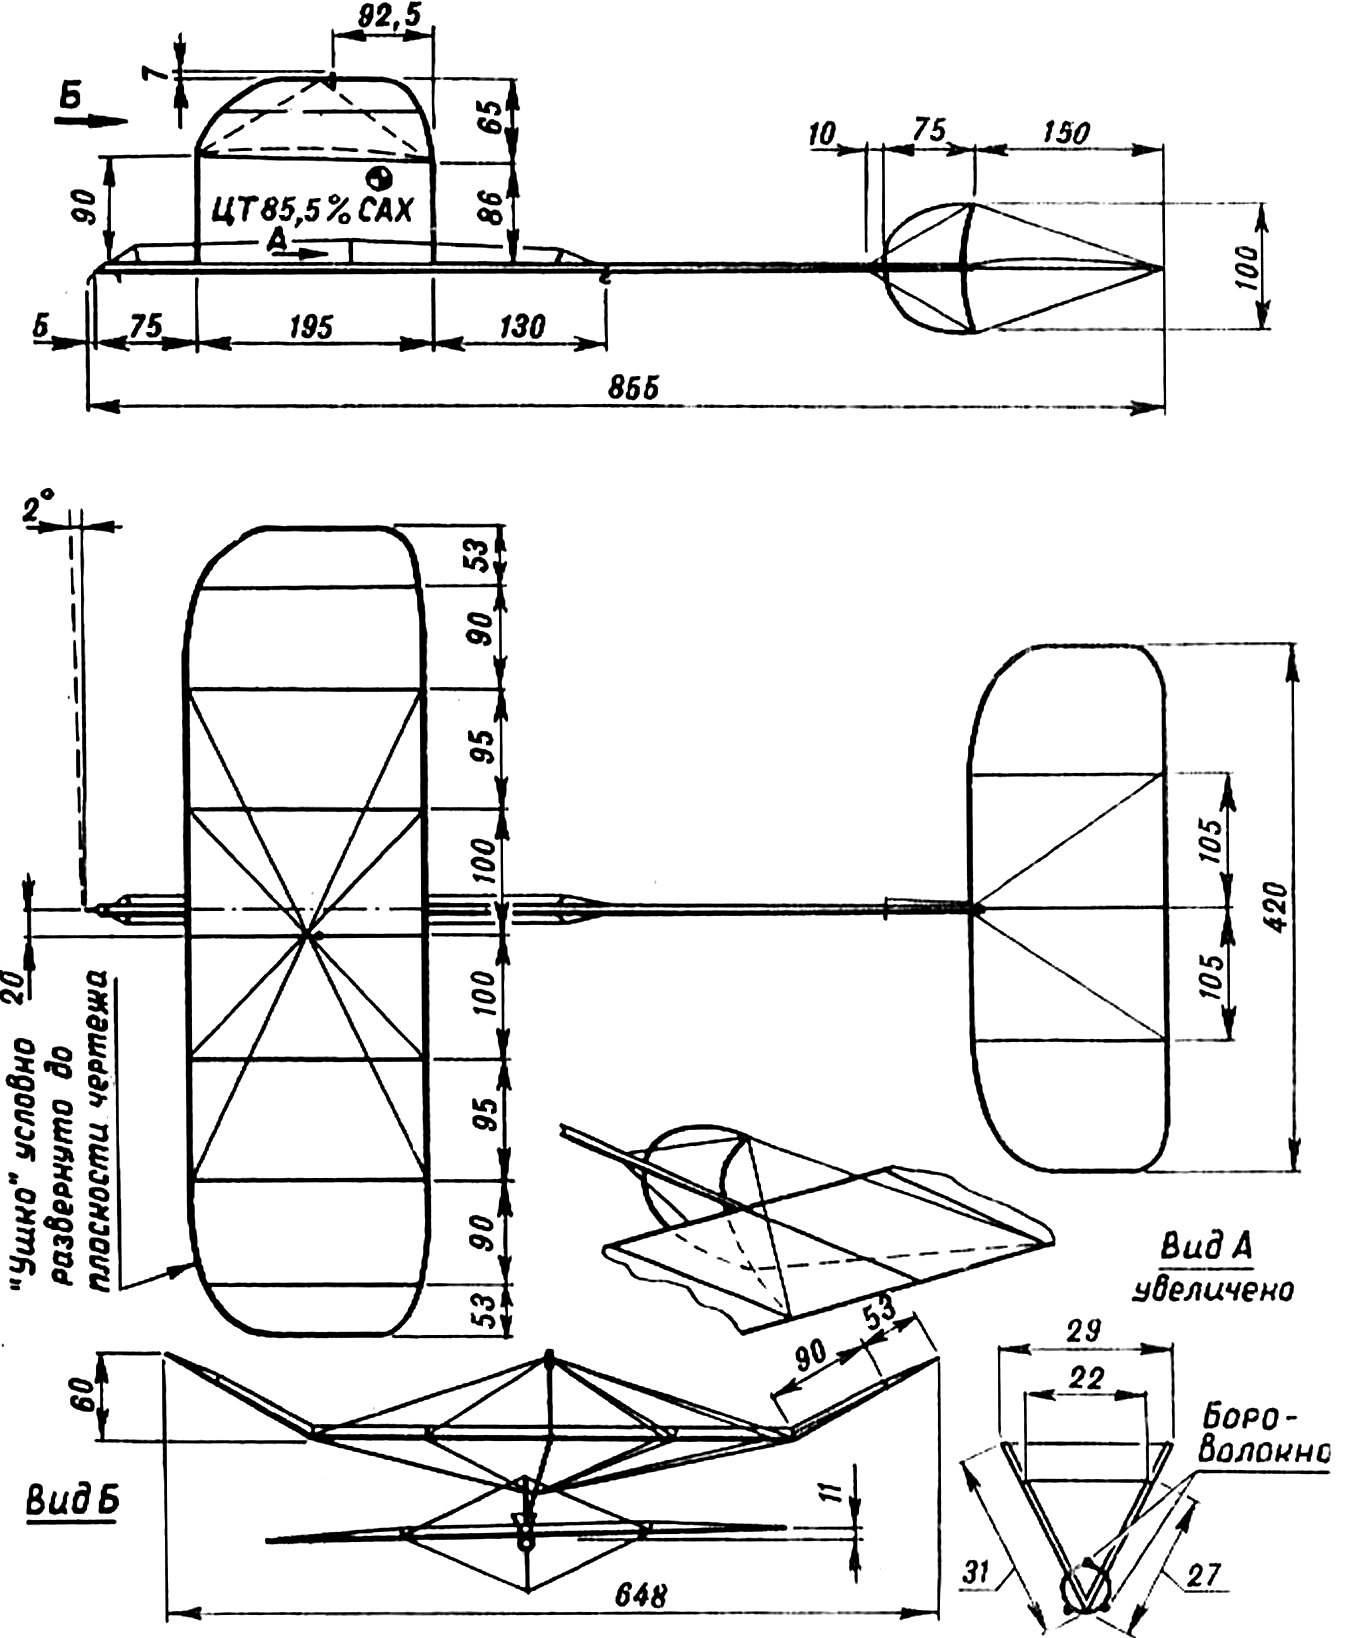 Рис.1. Модель в сборе.